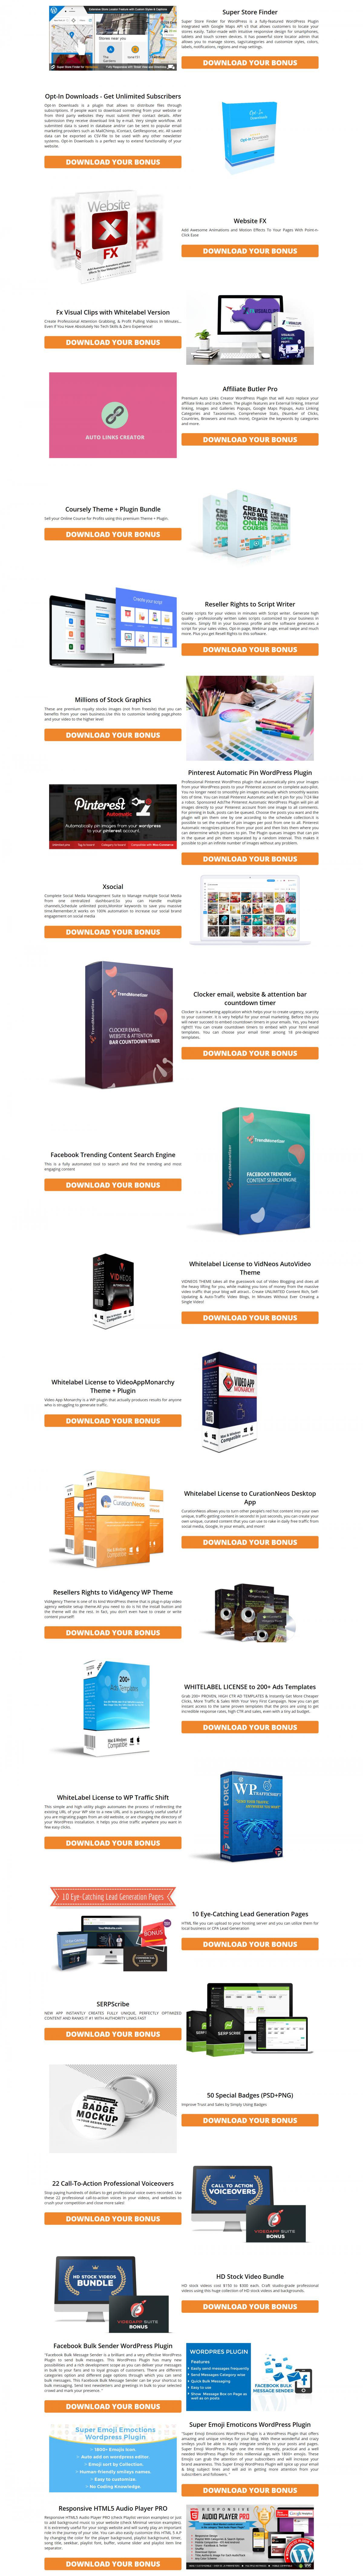 MaxDrive 2.0 Review and Bonus